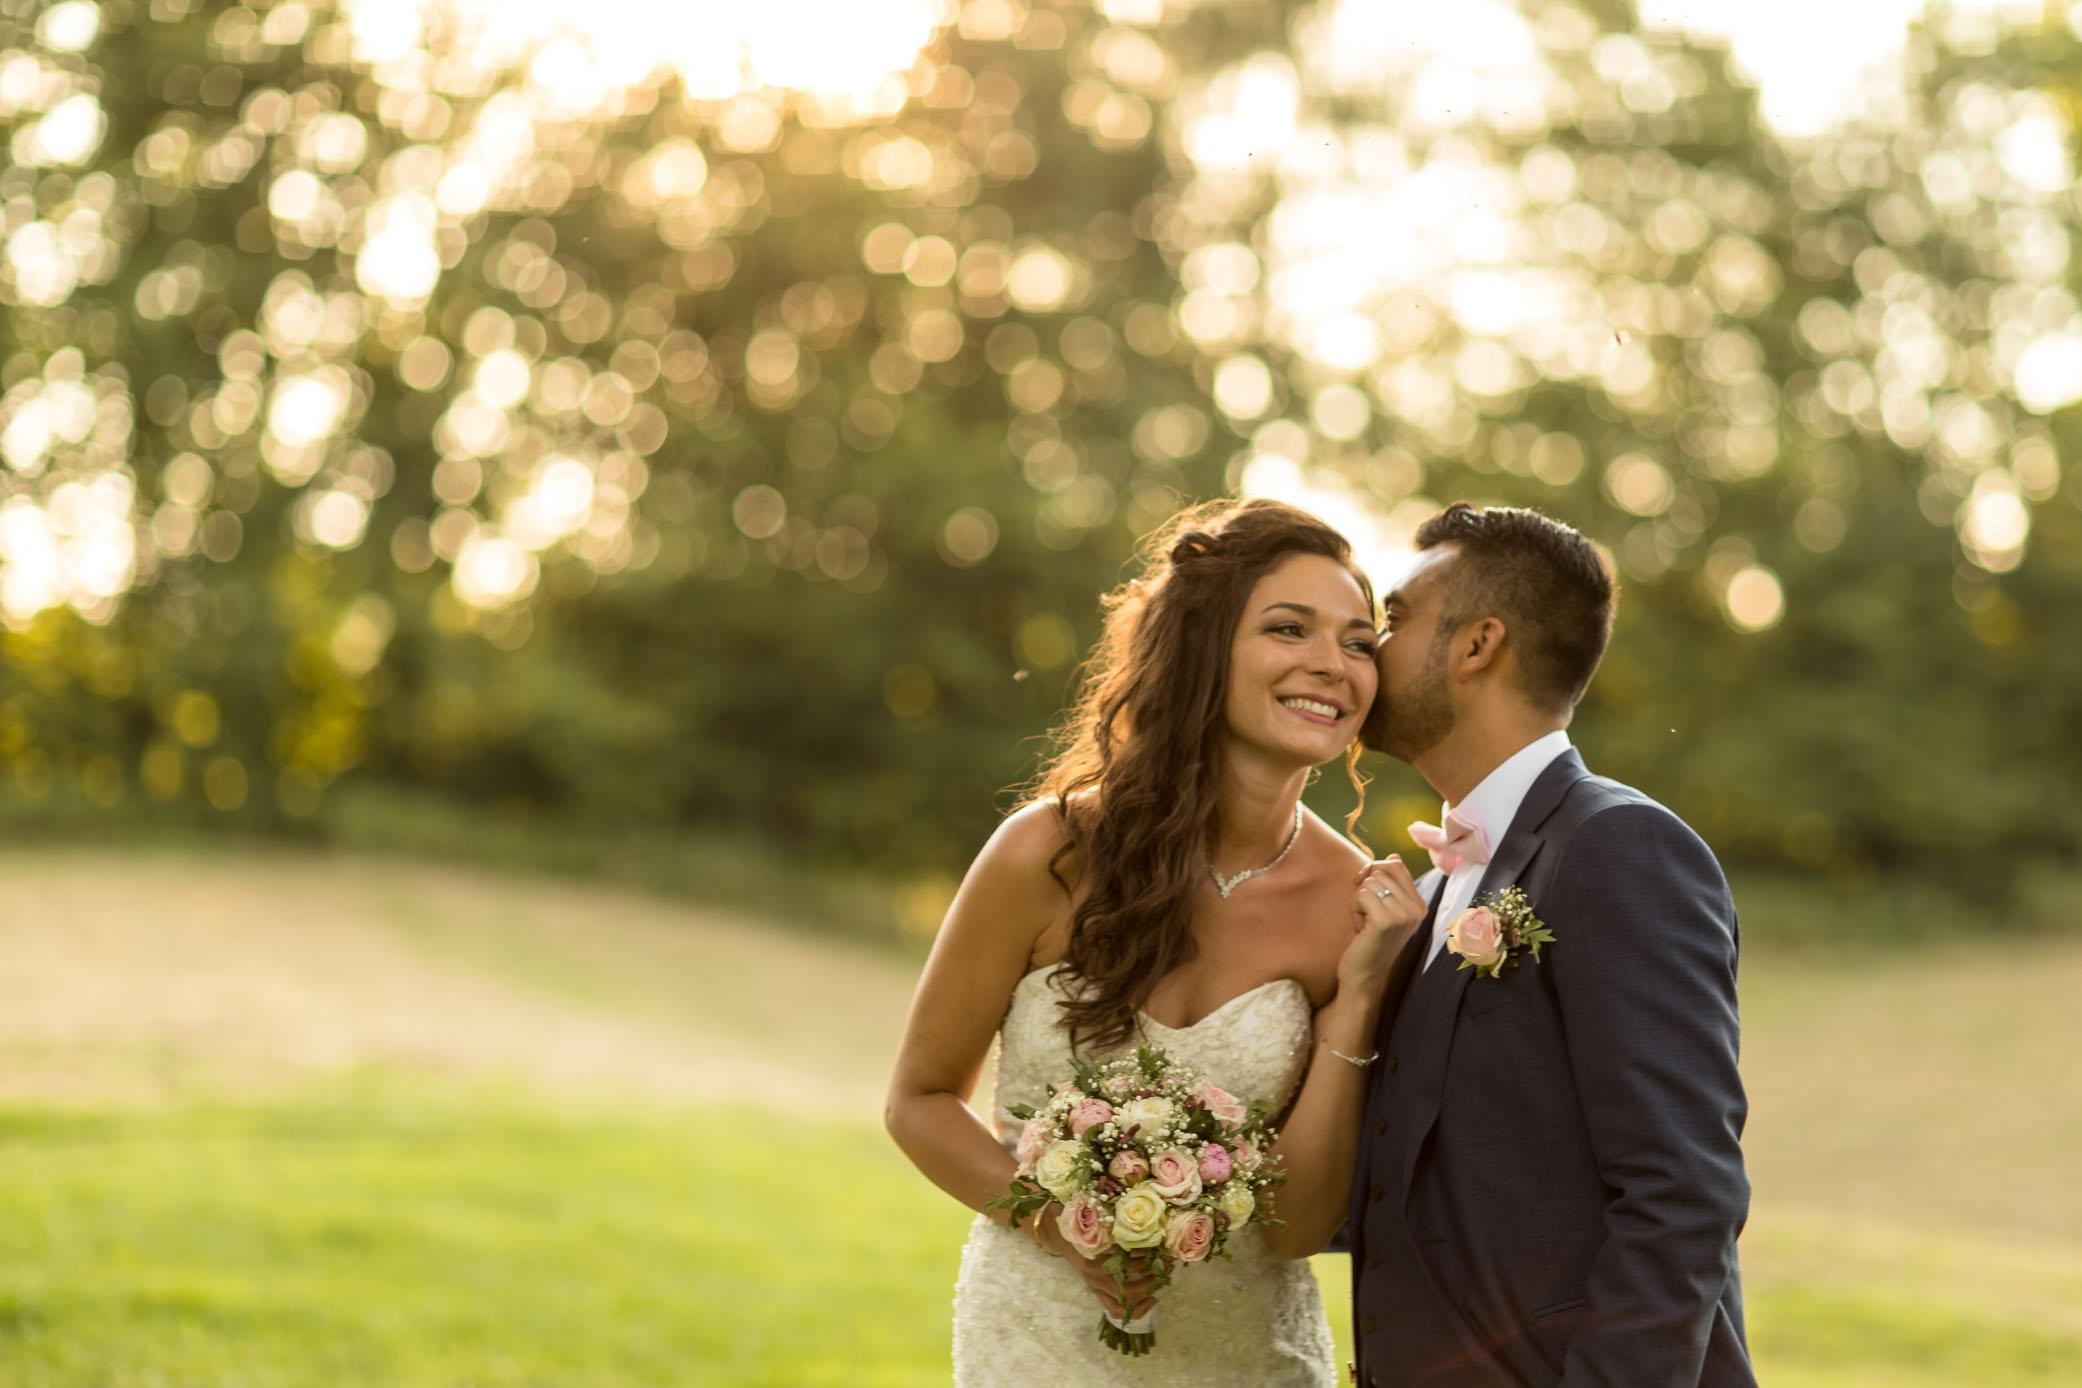 couple-mariage-photo-volee.jpg